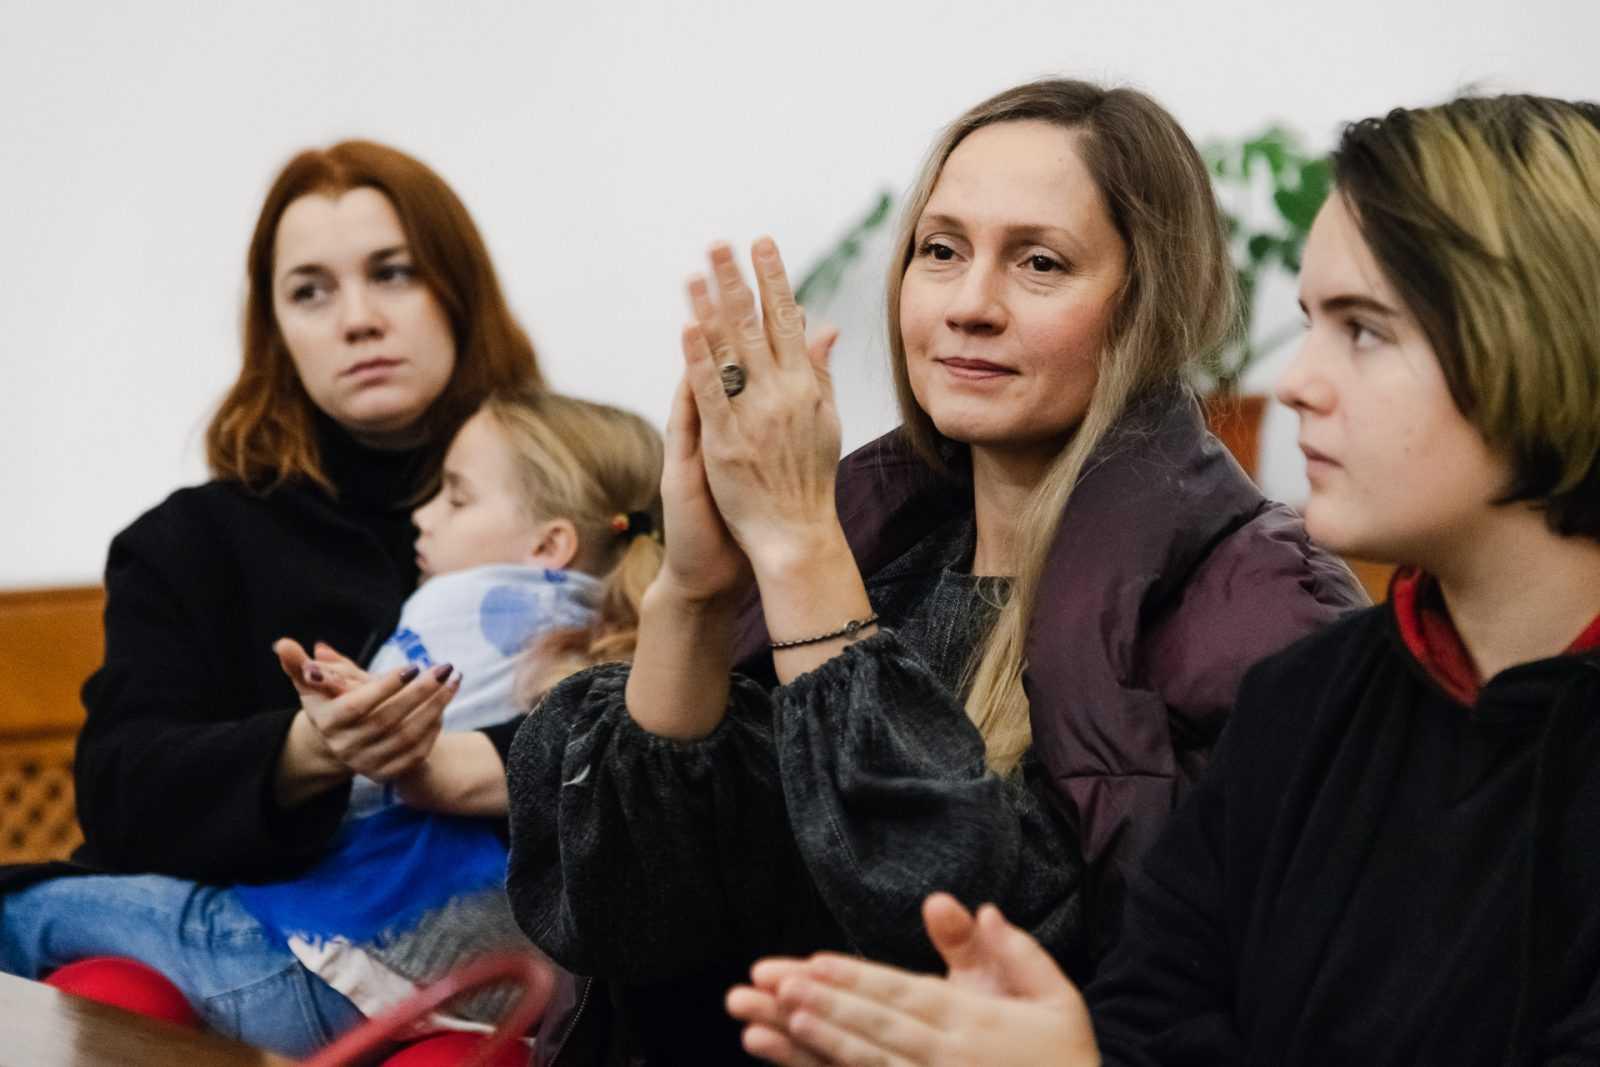 Музыка в храме КОНЦЕРТ «МАСТЕРА БАРОККО» 26.10.2019 28